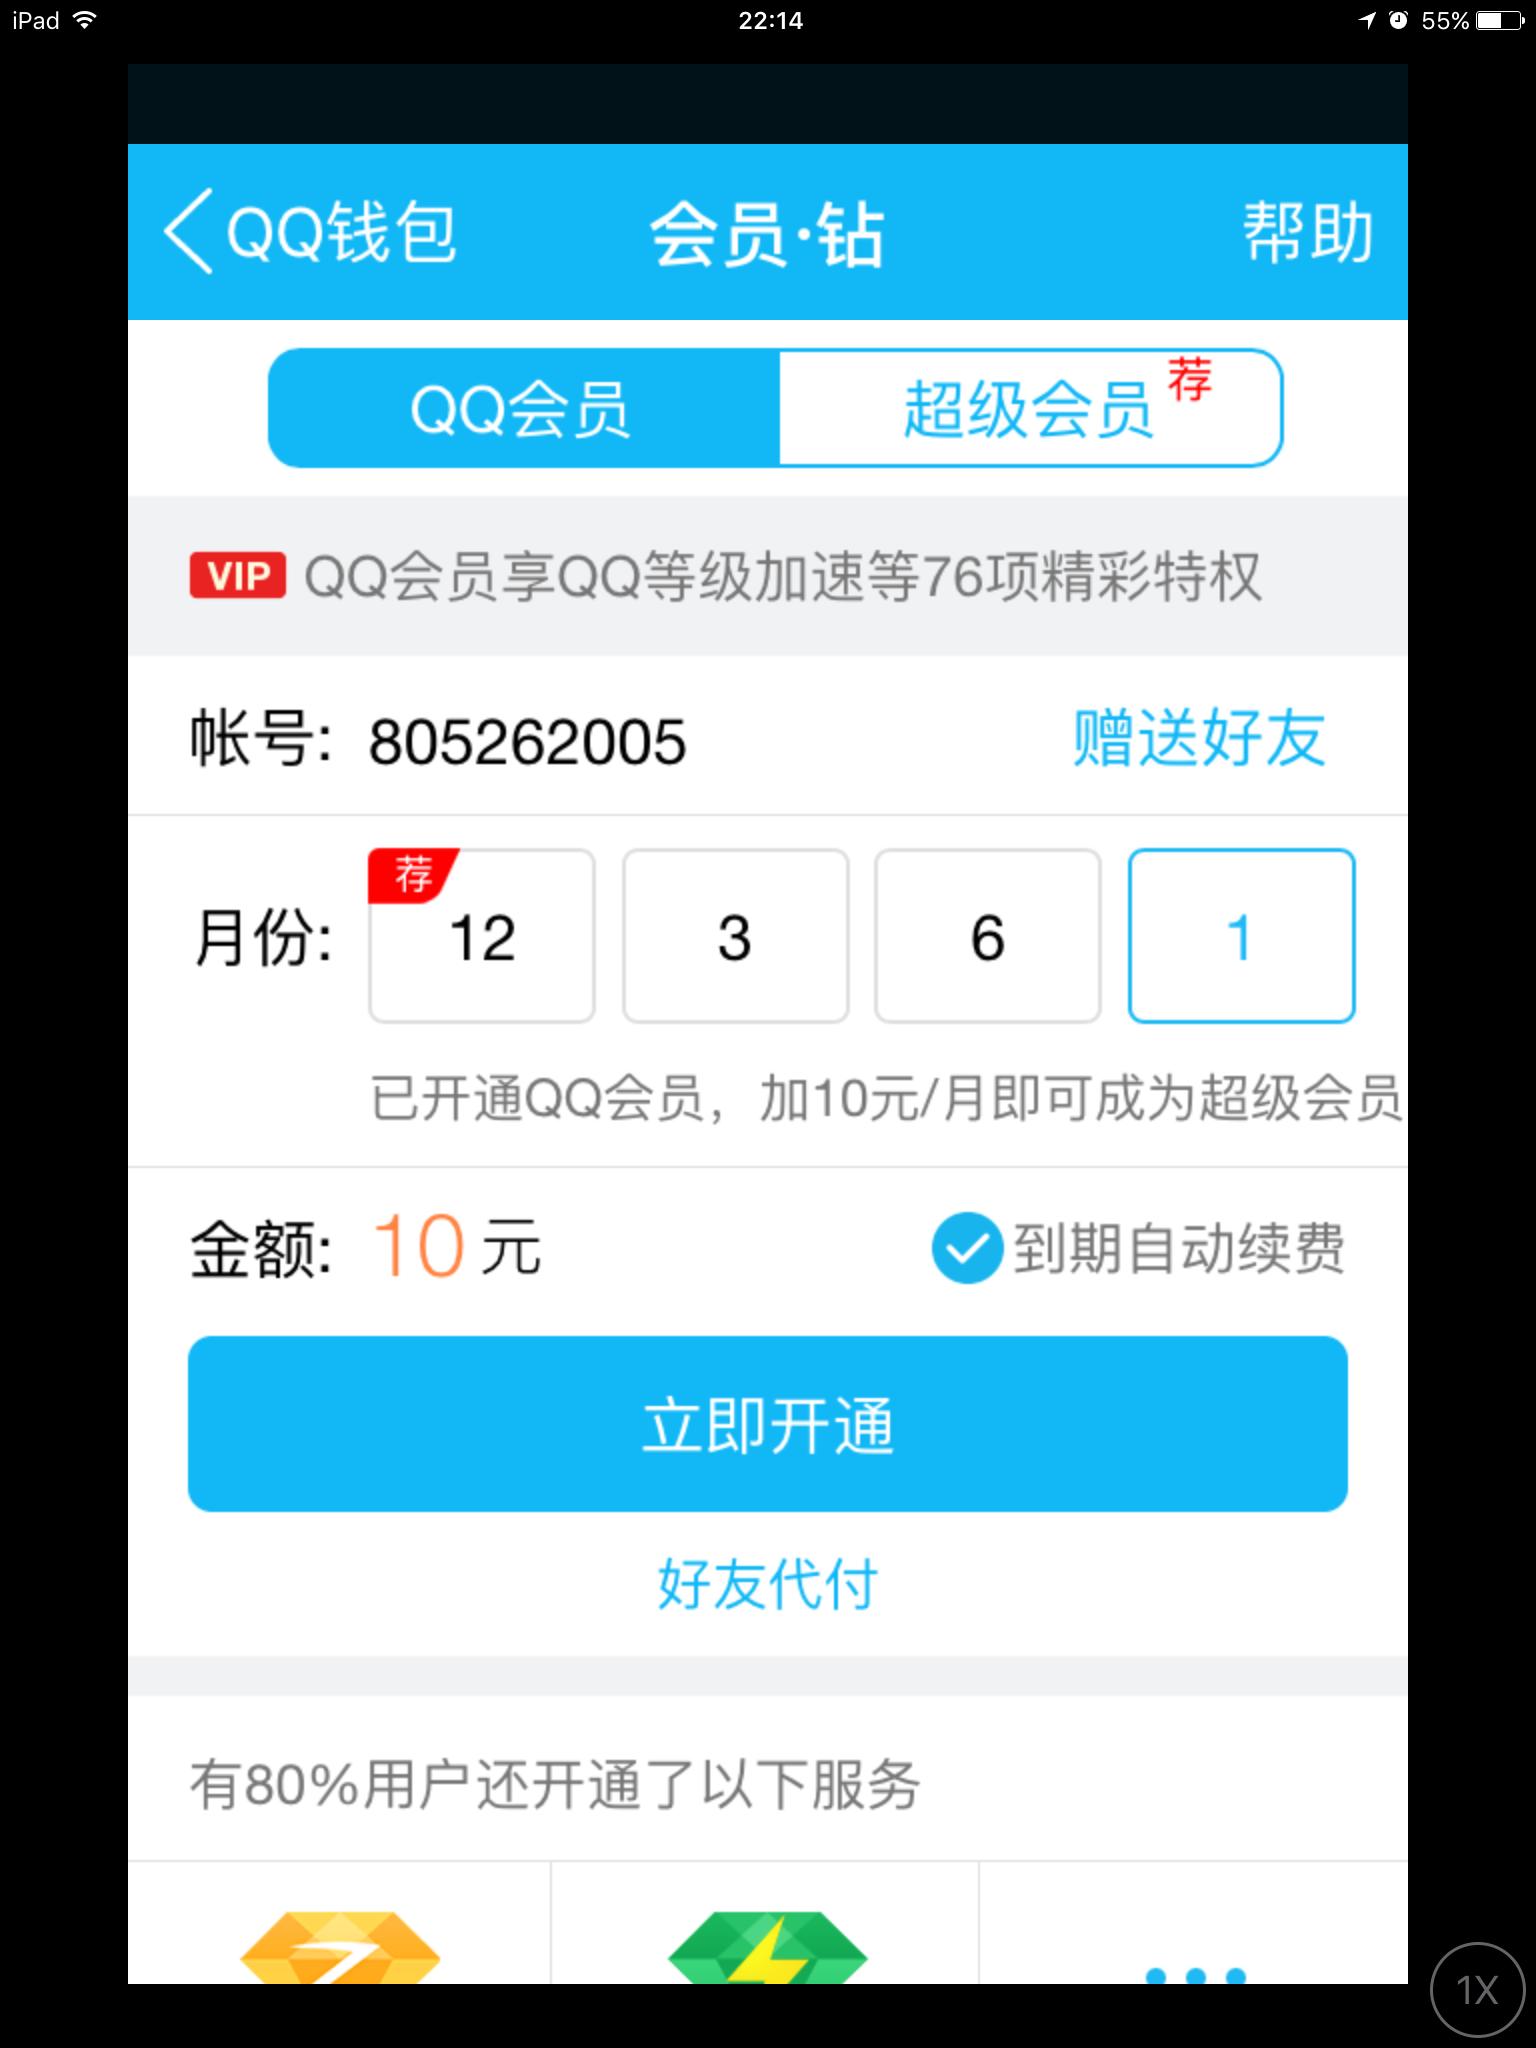 qq怎么用手机冲qb_苹果手机qq怎么用q币续费会员_百度知道